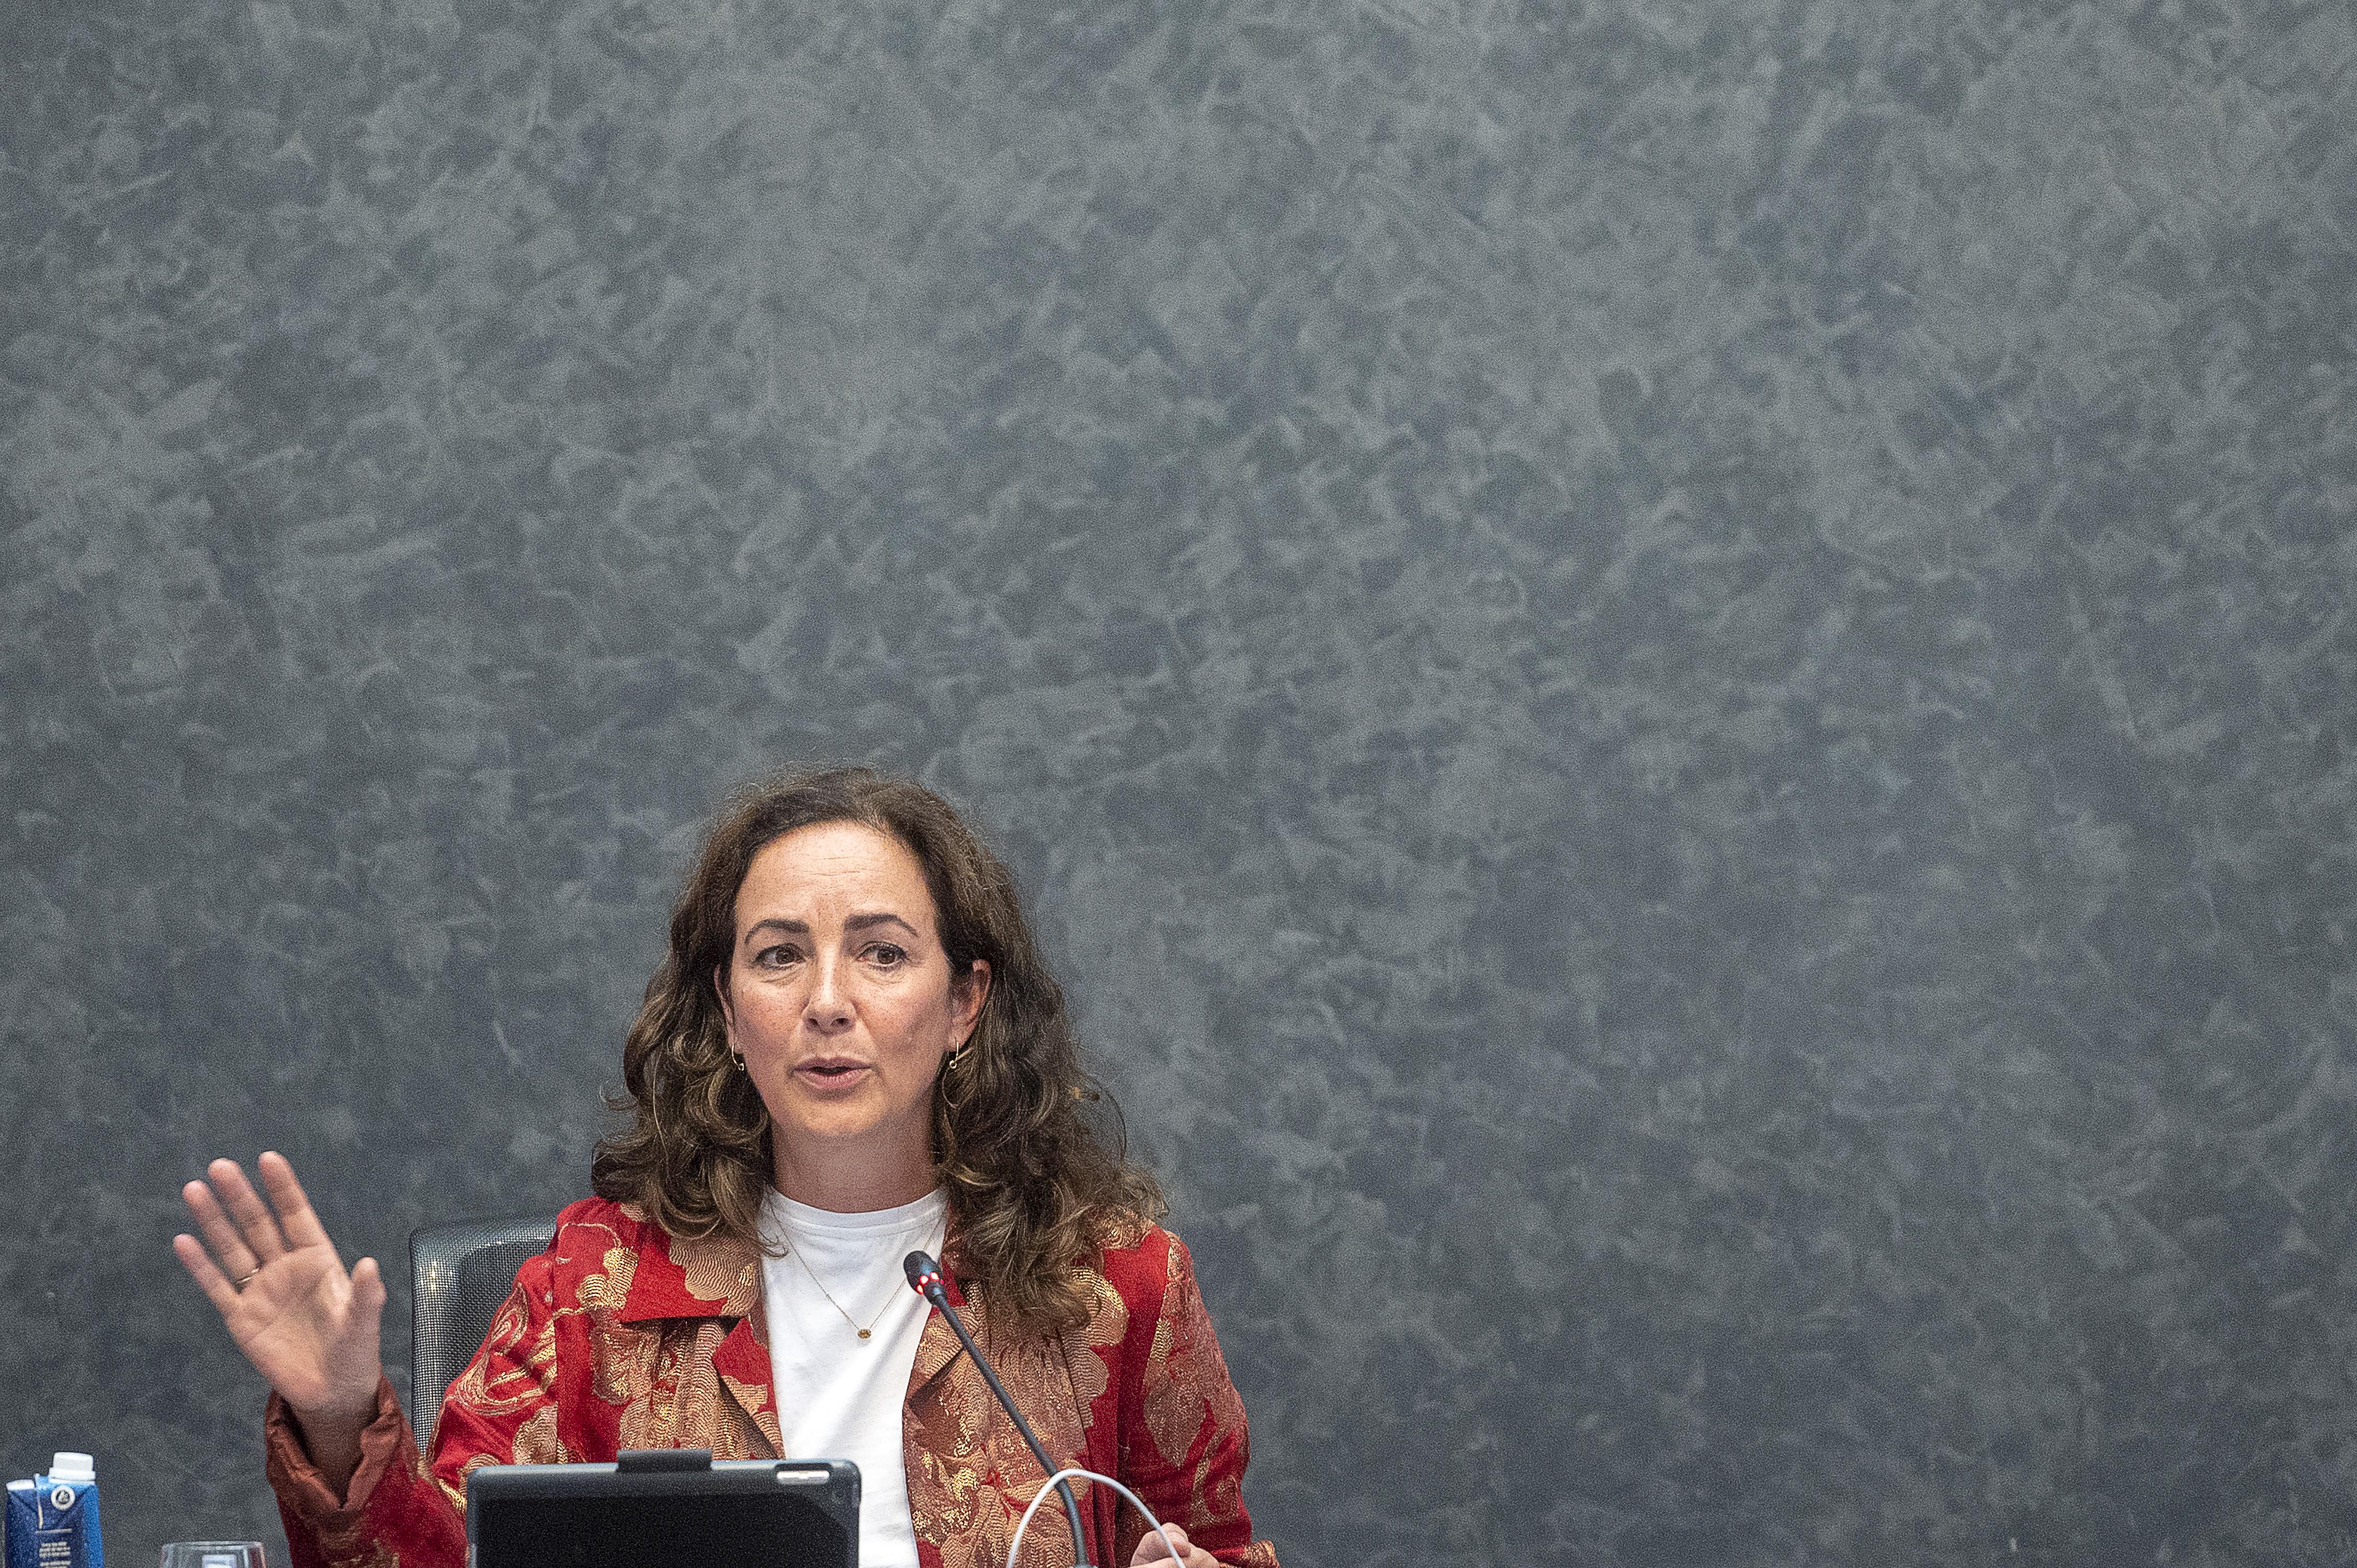 Een foto van burgemeester Halsema tijdens een gemeenteraad in Amsterdam